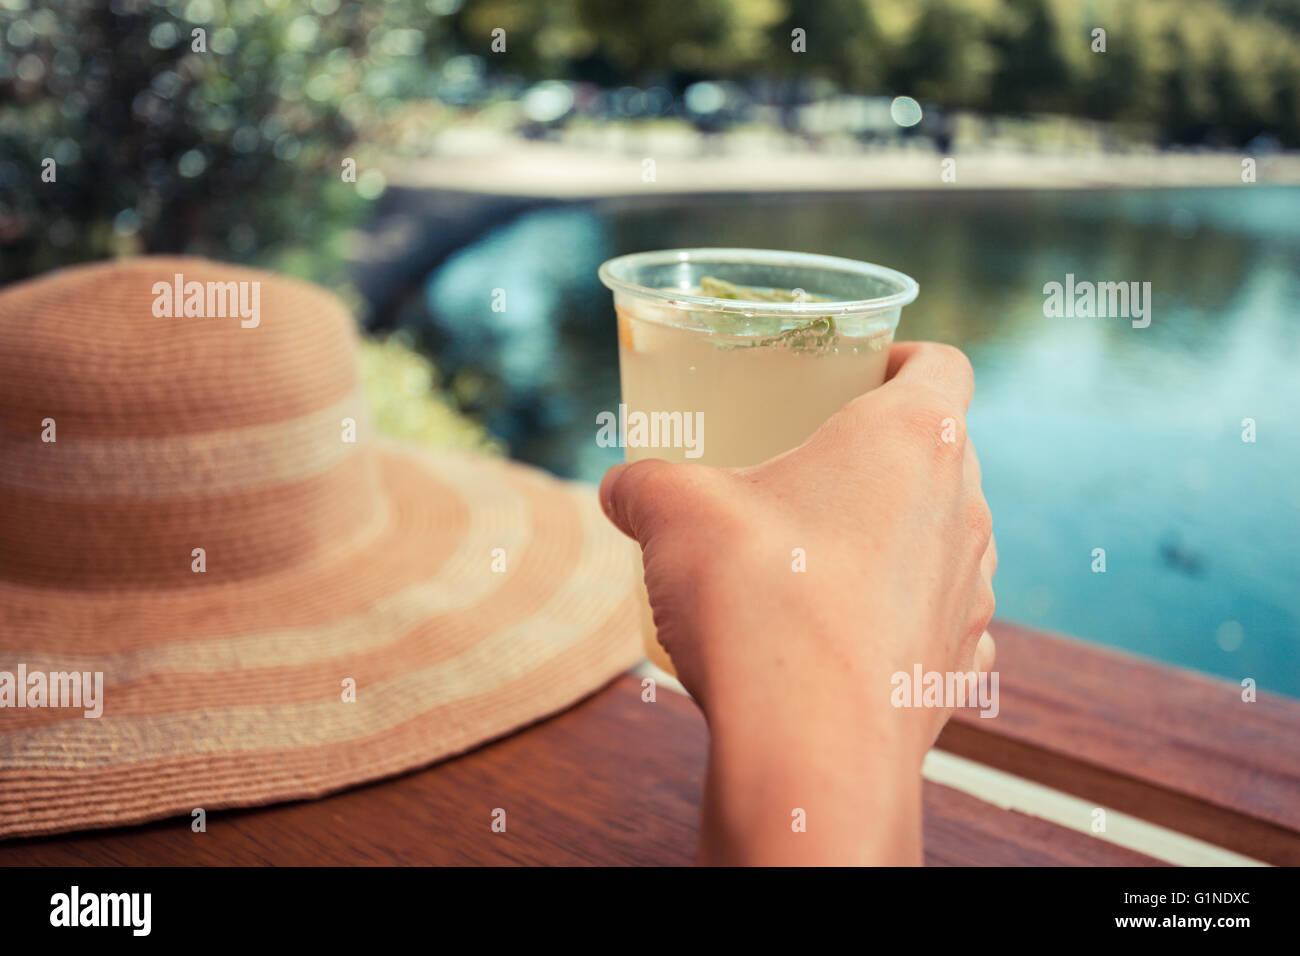 Une jeune femme est en train de boire de la limonade par un étang dans le parc Photo Stock